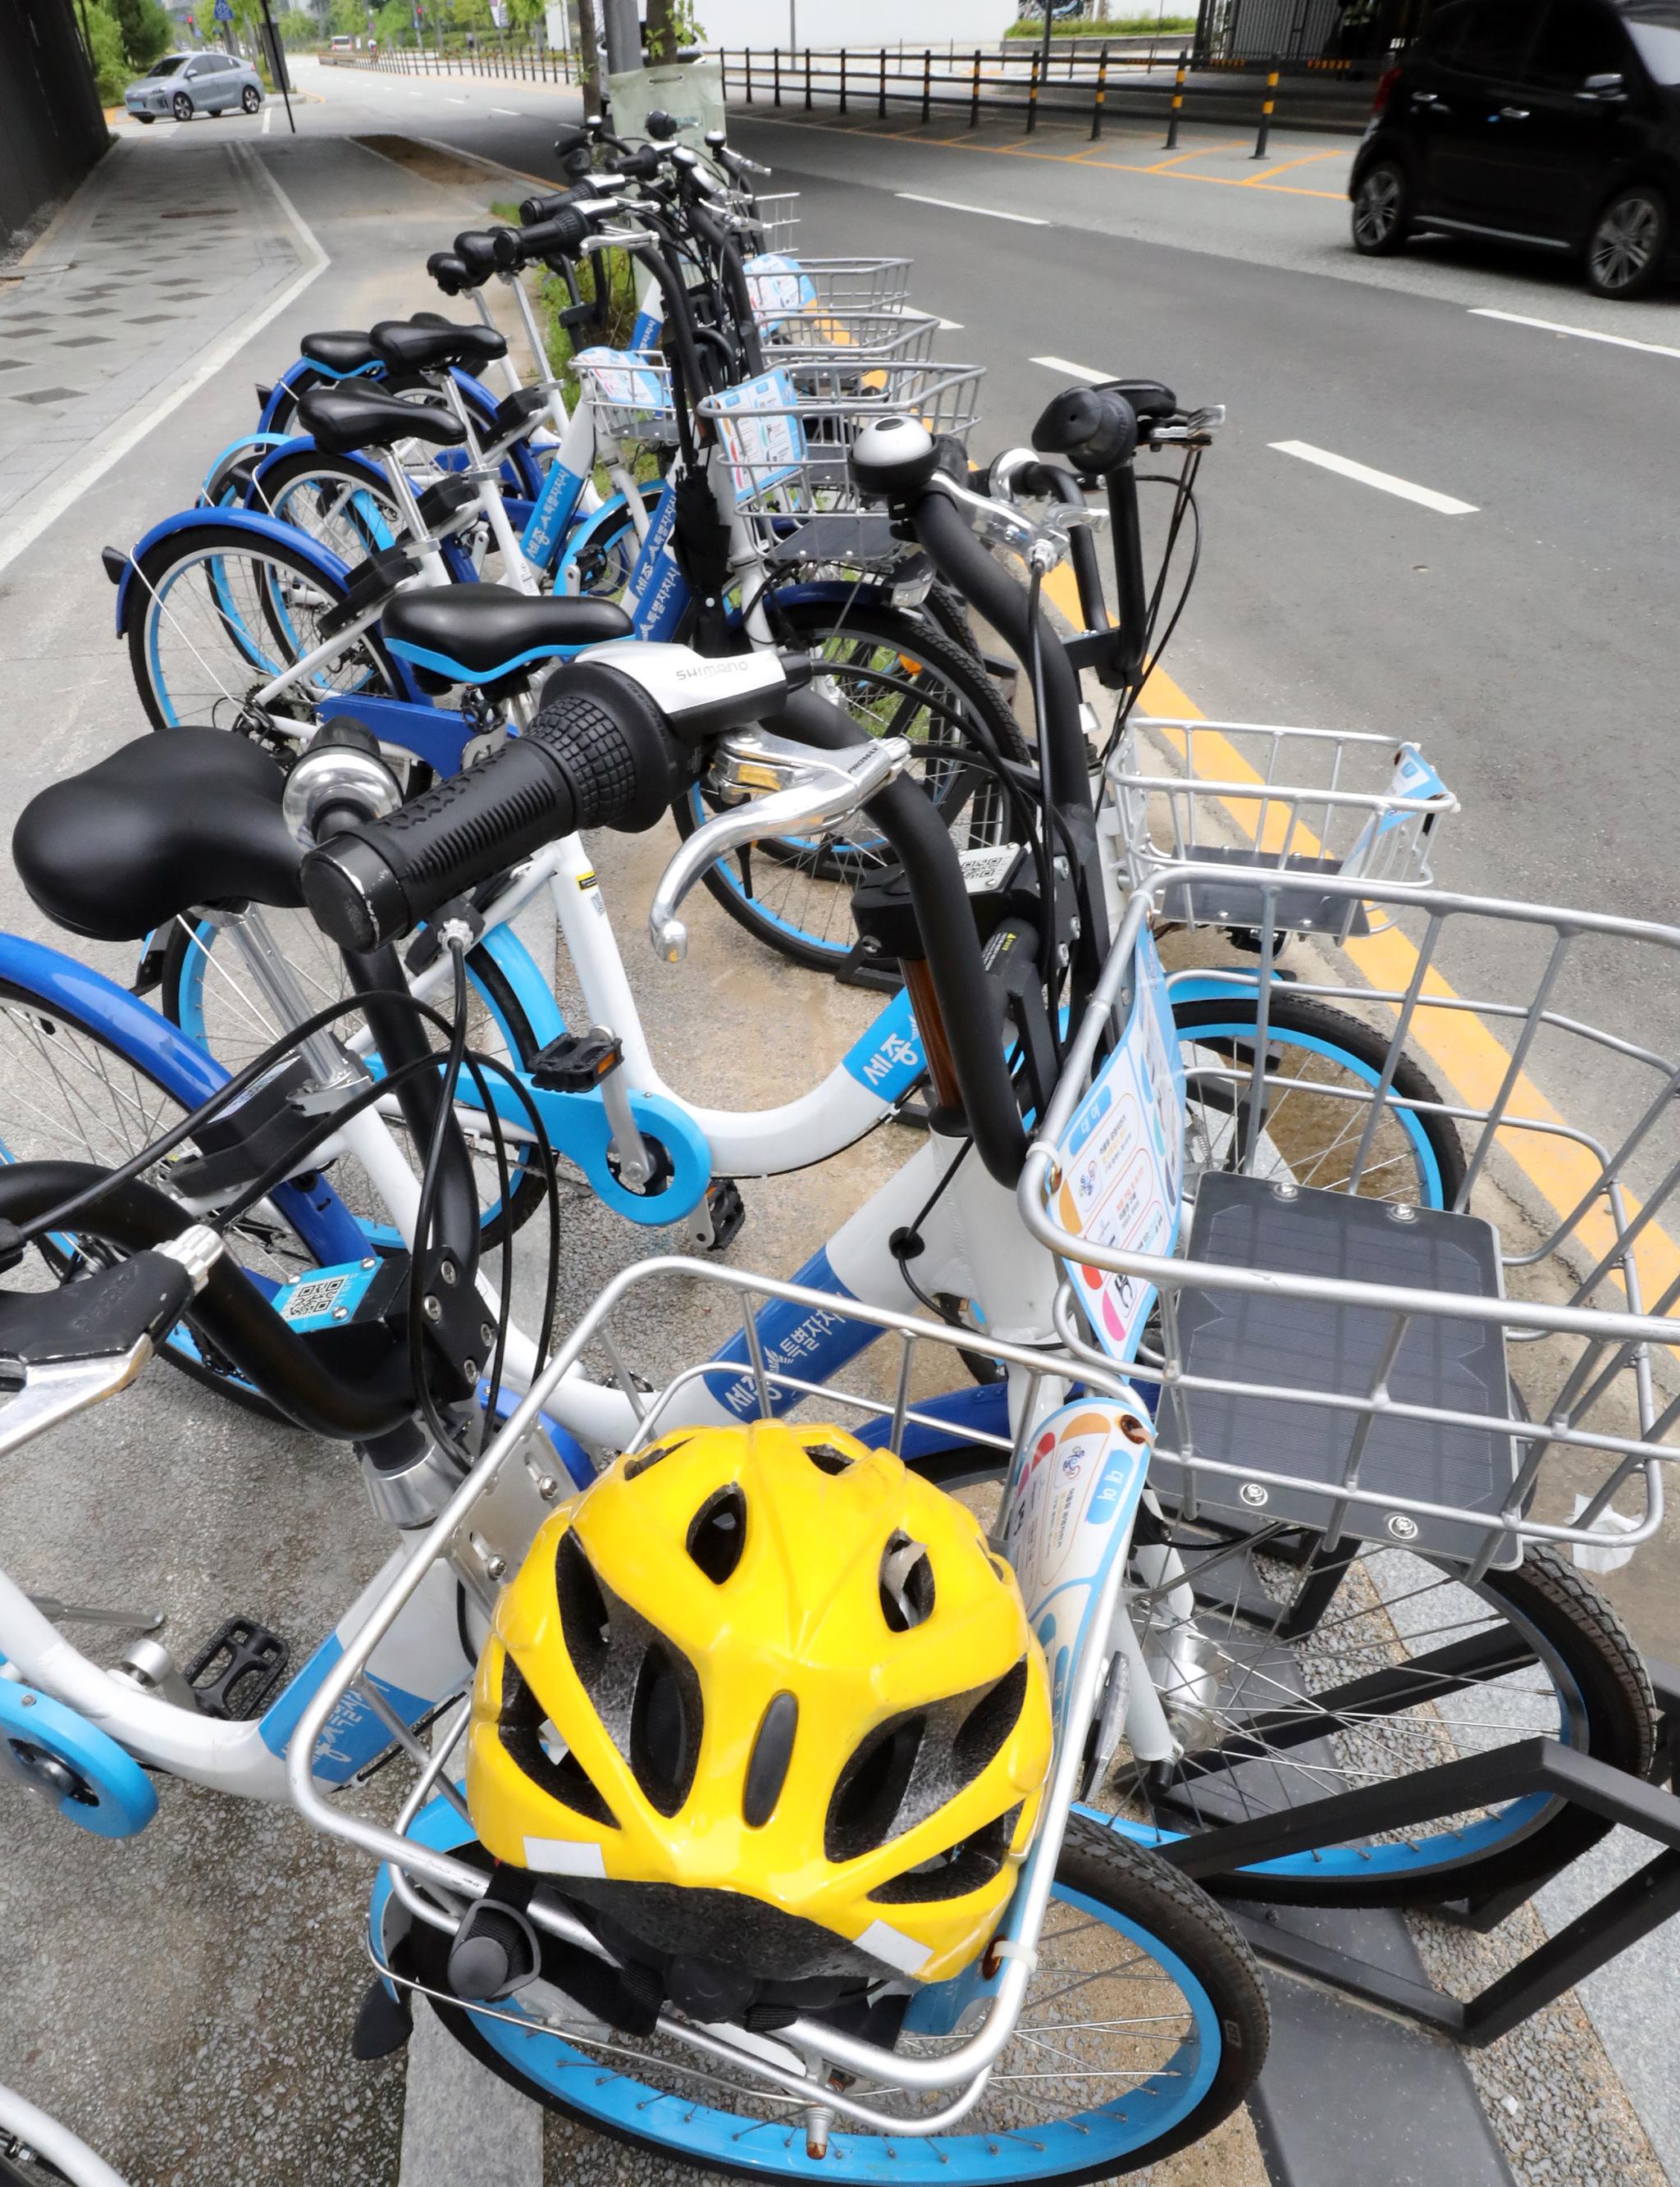 공공자전거 위에 놓인 헬멧. 아이들은 자전거를 탈 때 머리를 다칠 위험이 훨씬 큰 것으로 나왔다. [뉴스1]